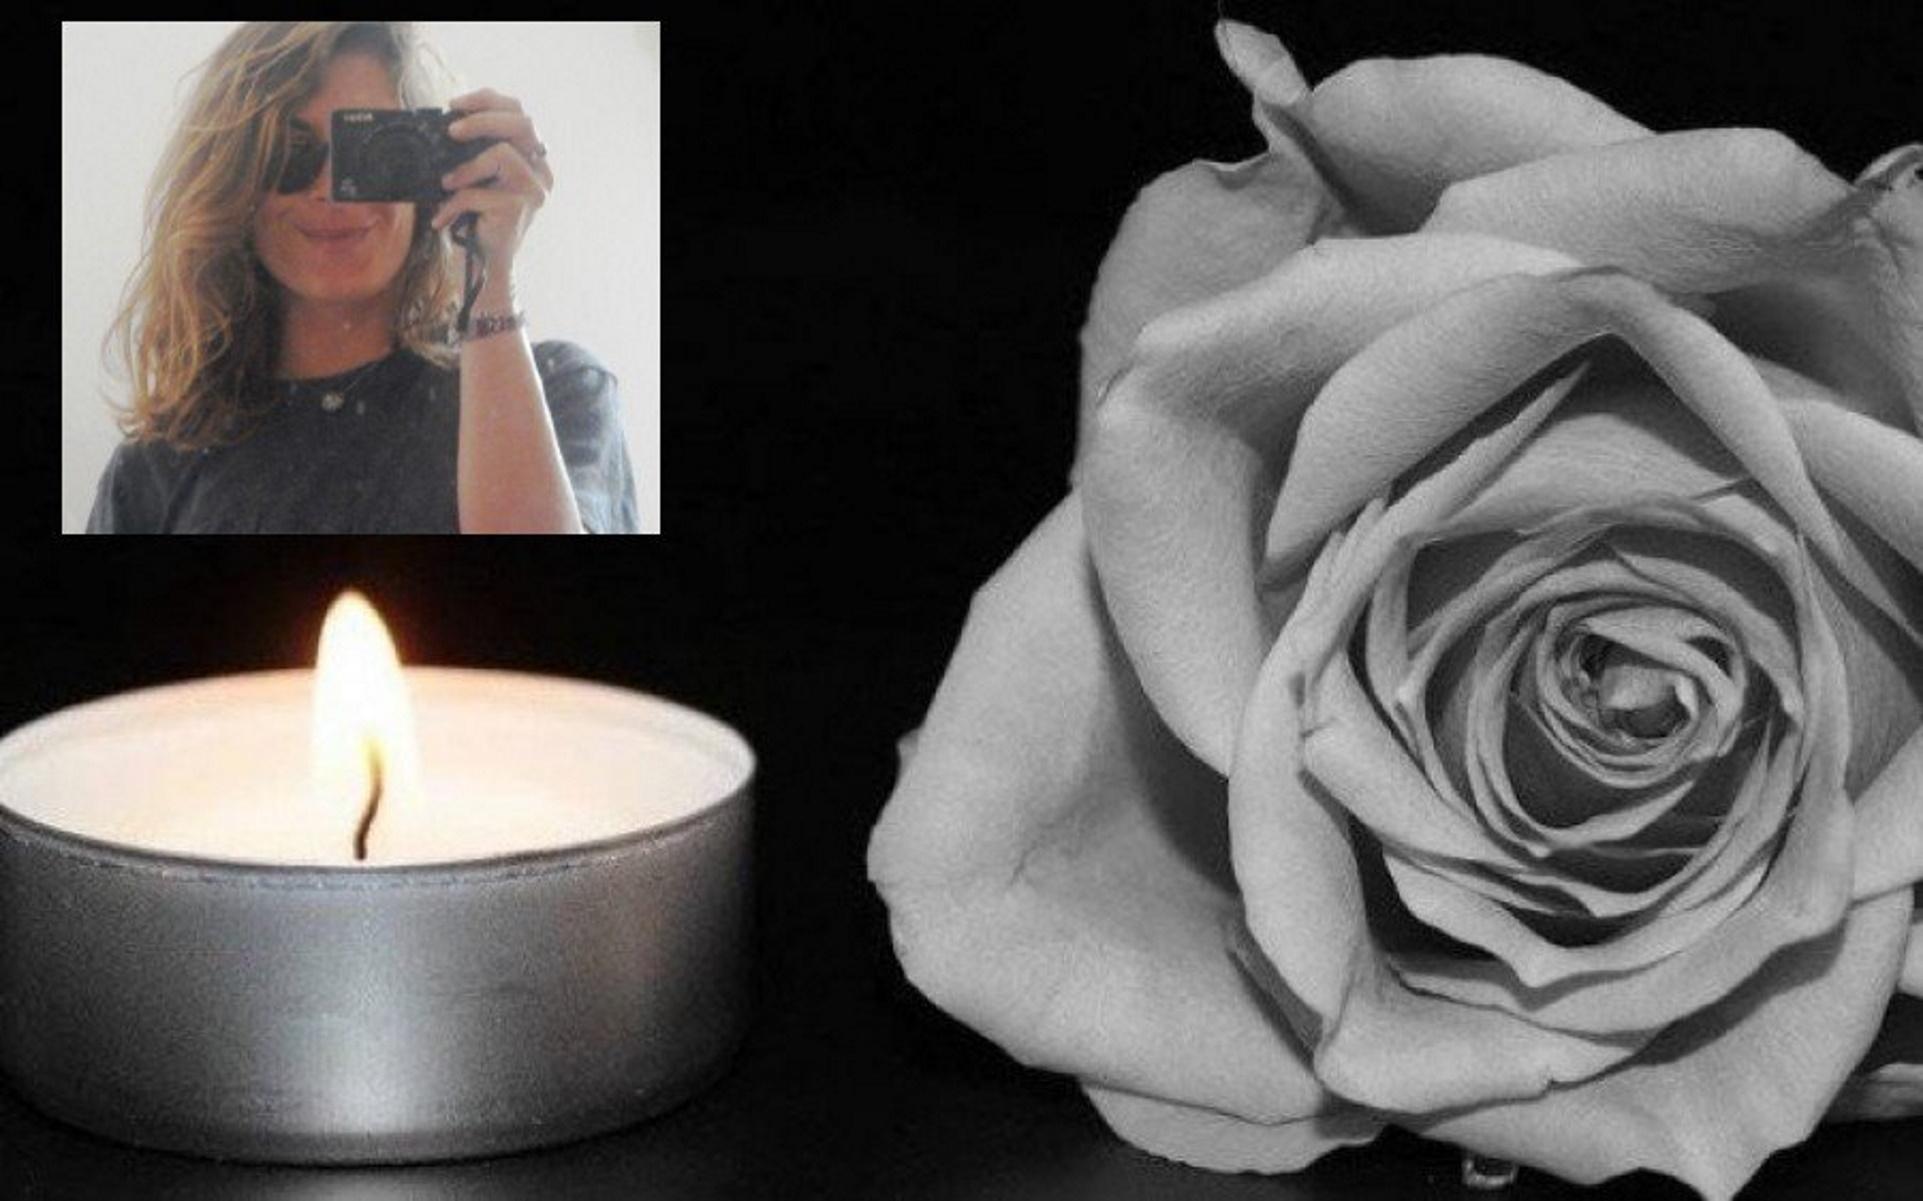 Γαύδος: Από ακατάσχετη αιμορραγία «έσβησε» η όμορφη Κορίνα – Ήταν ζωντανή περιμένοντας βοήθεια